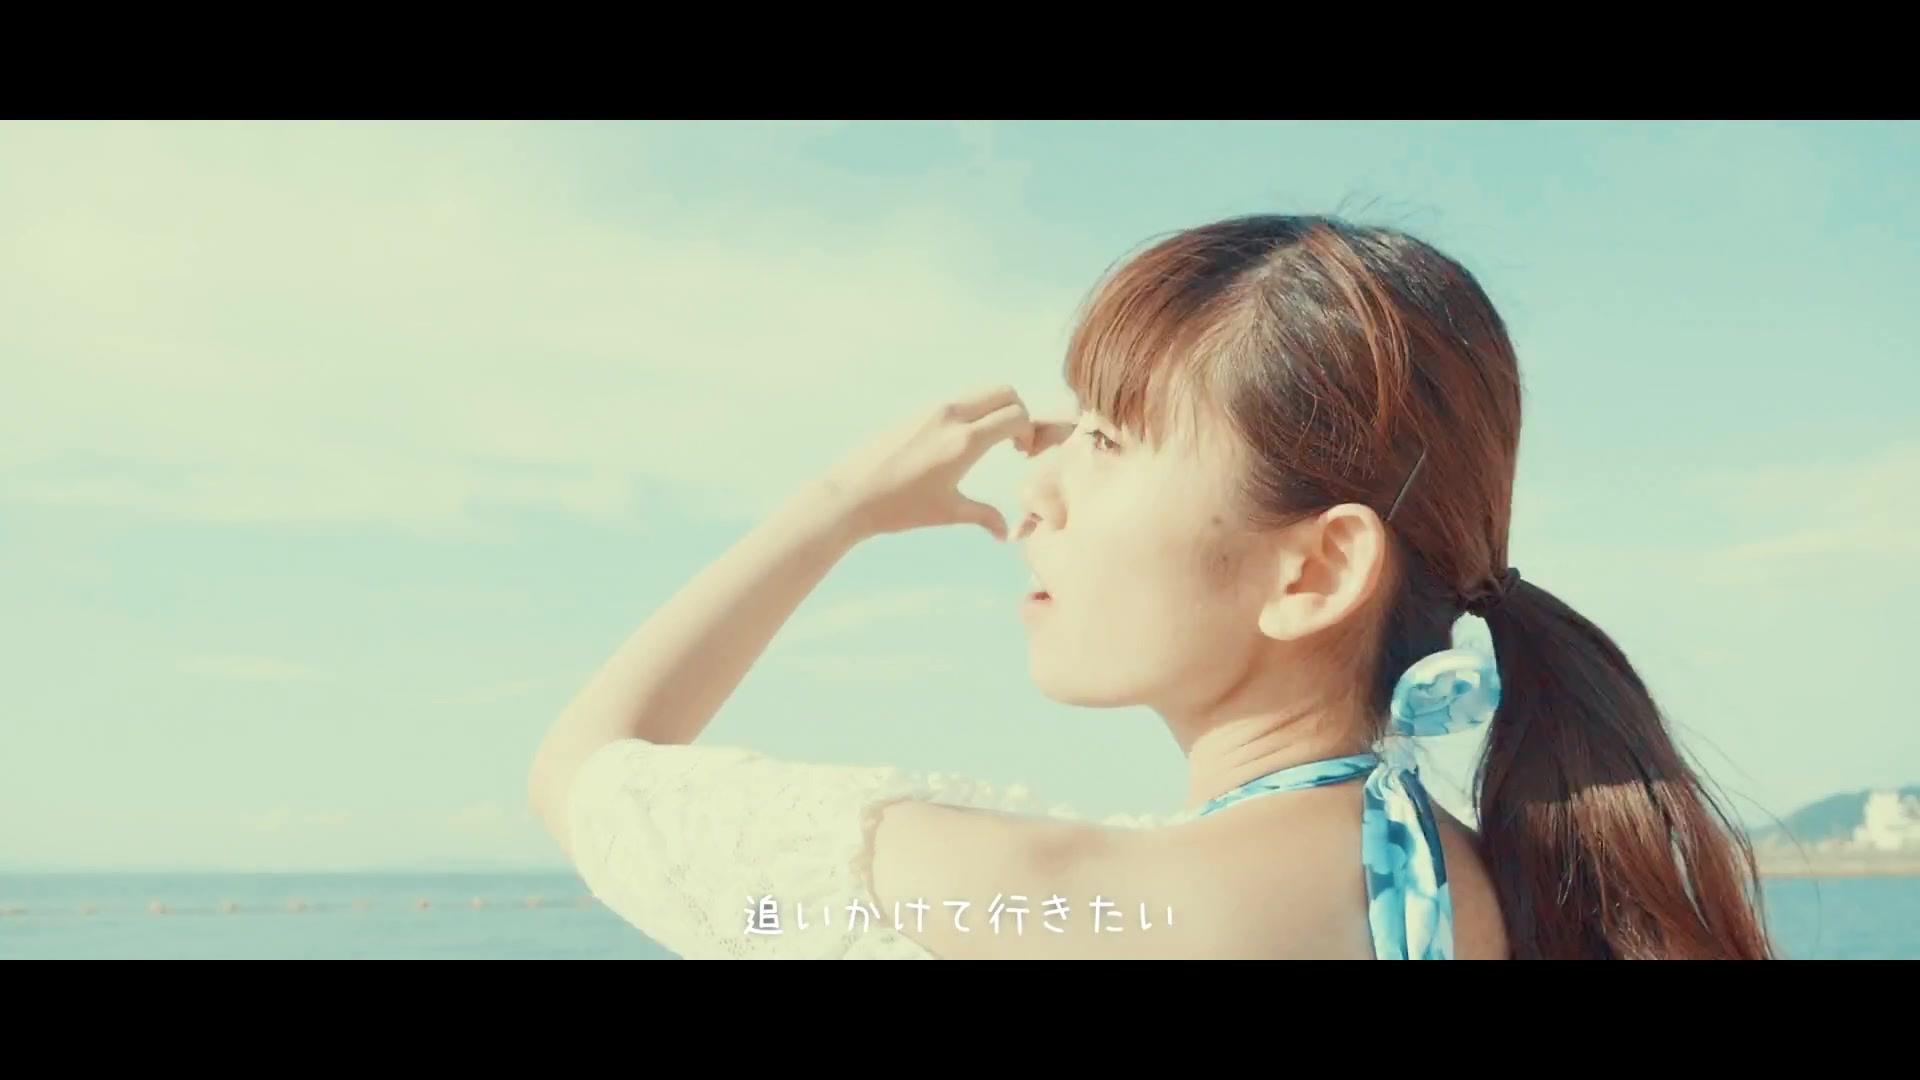 武田雛步 自製mv翻唱真夏の太陽 大原櫻子 哔哩哔哩 つロ干杯